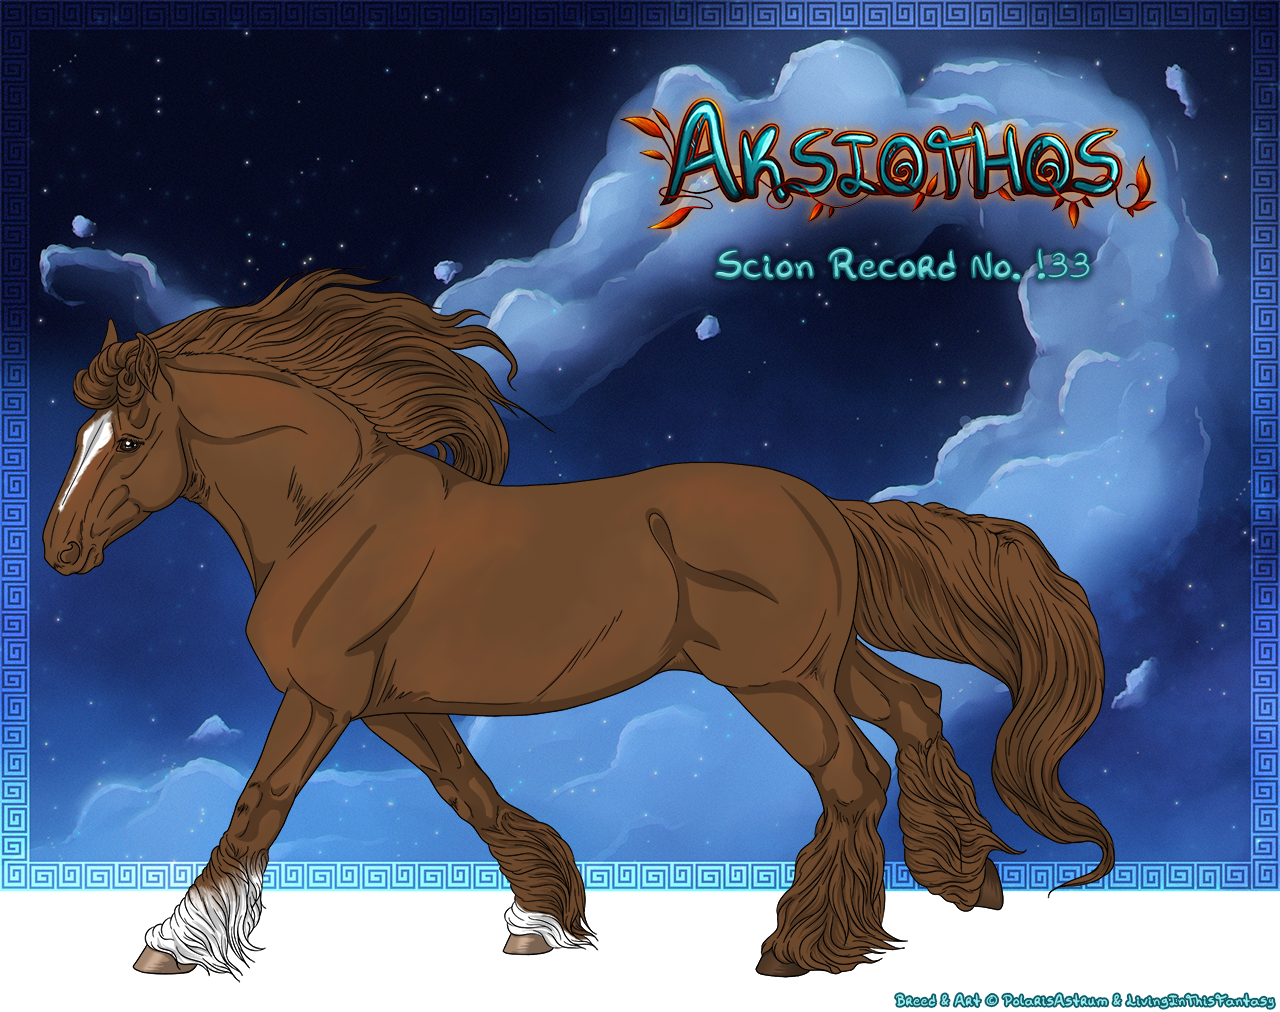 Aksiothos Scion No. !33